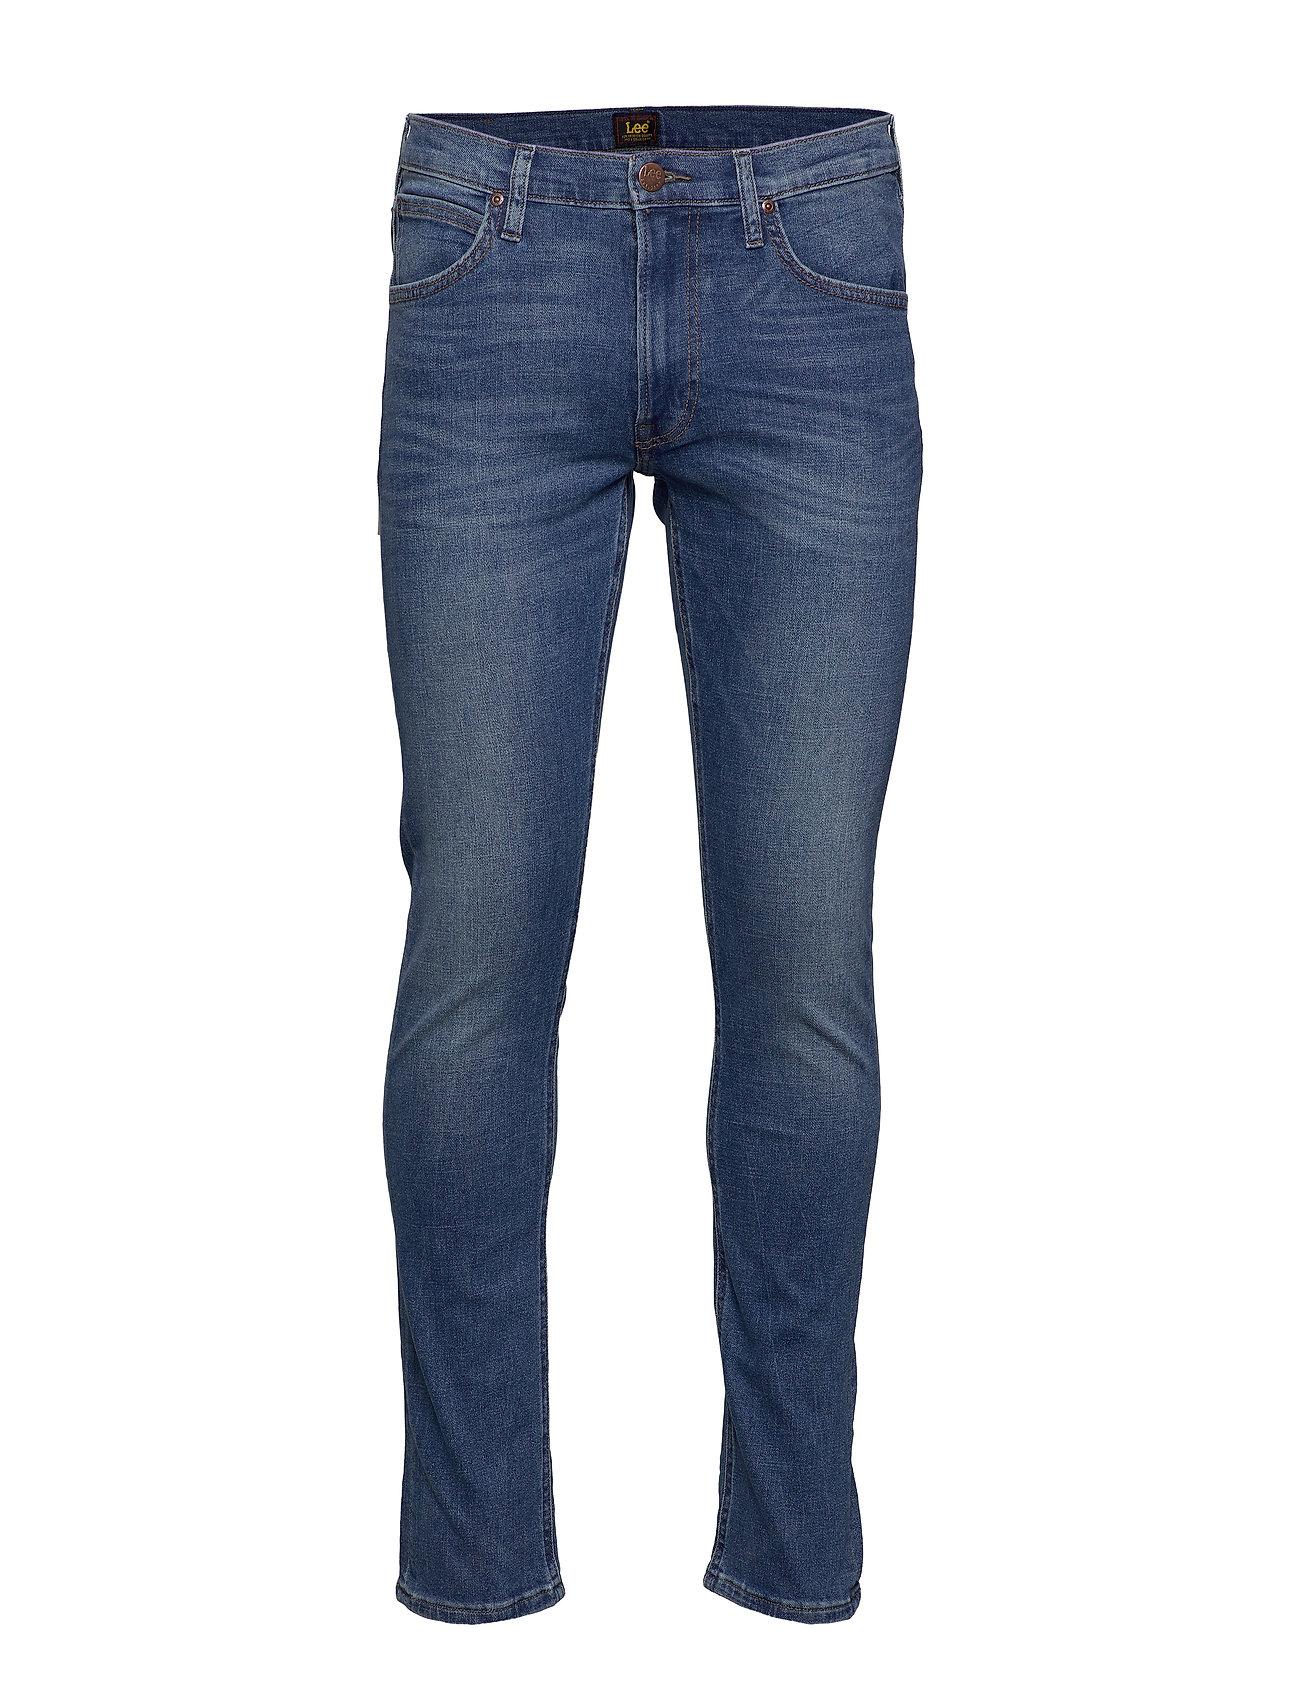 Lee Jeans LUKE - FRESH